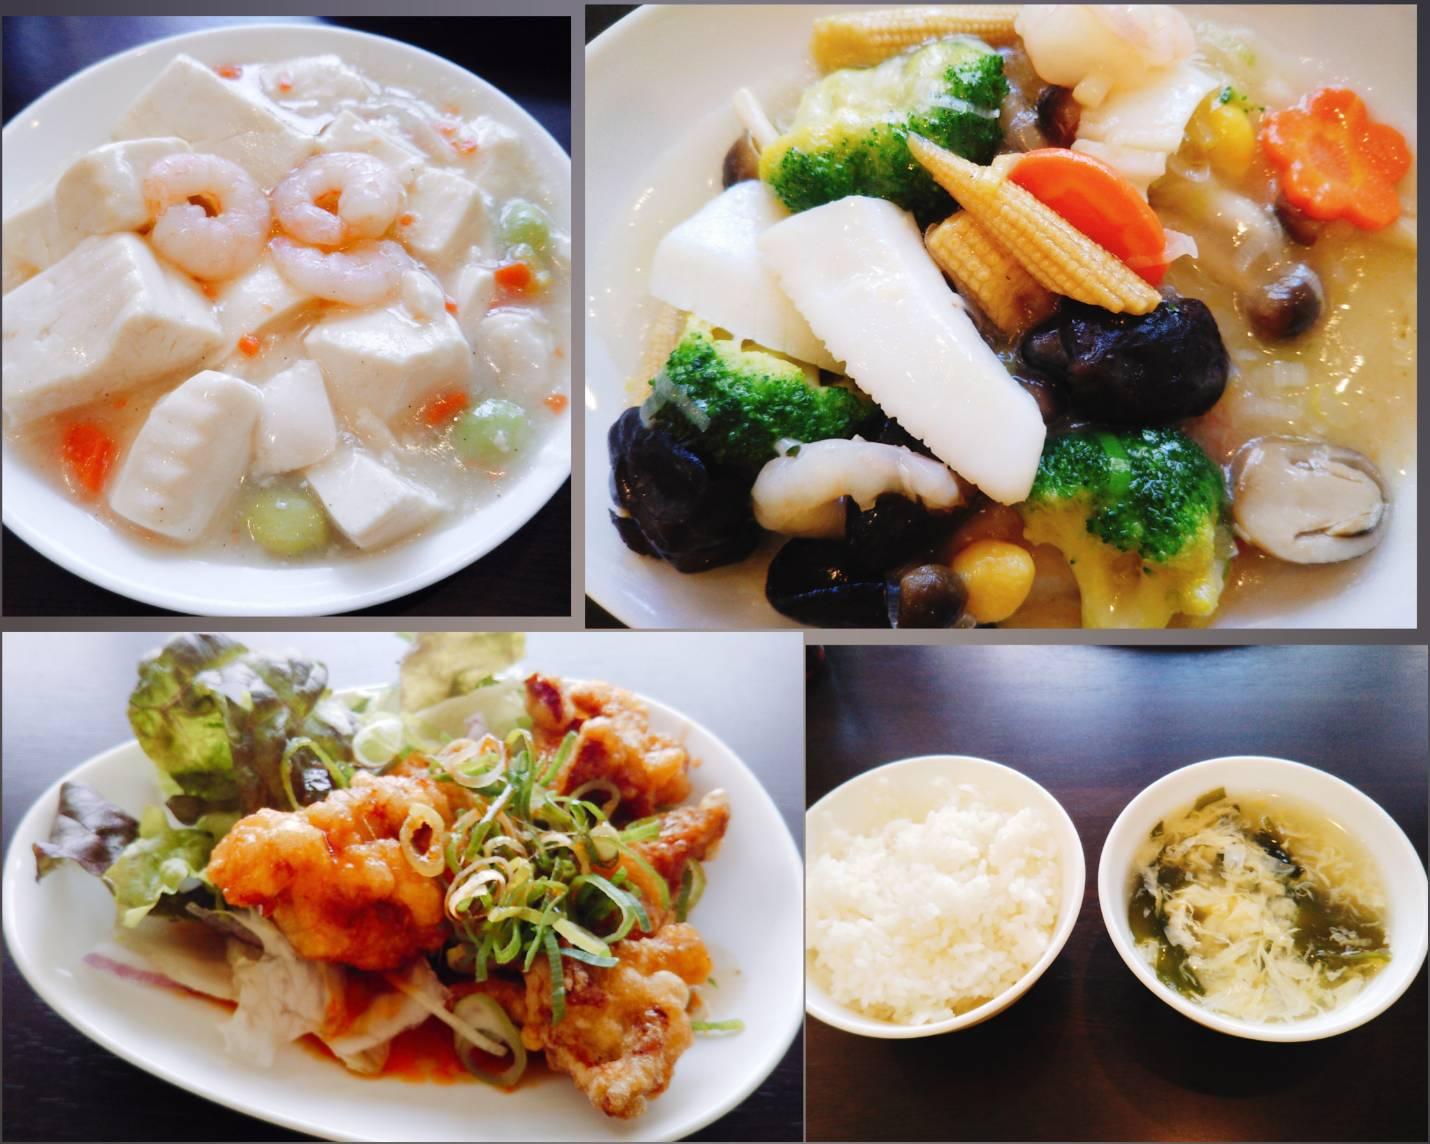 満園|驚きのコスパ、量も味も良しで人気中華料理店|元町駅近くの新店舗